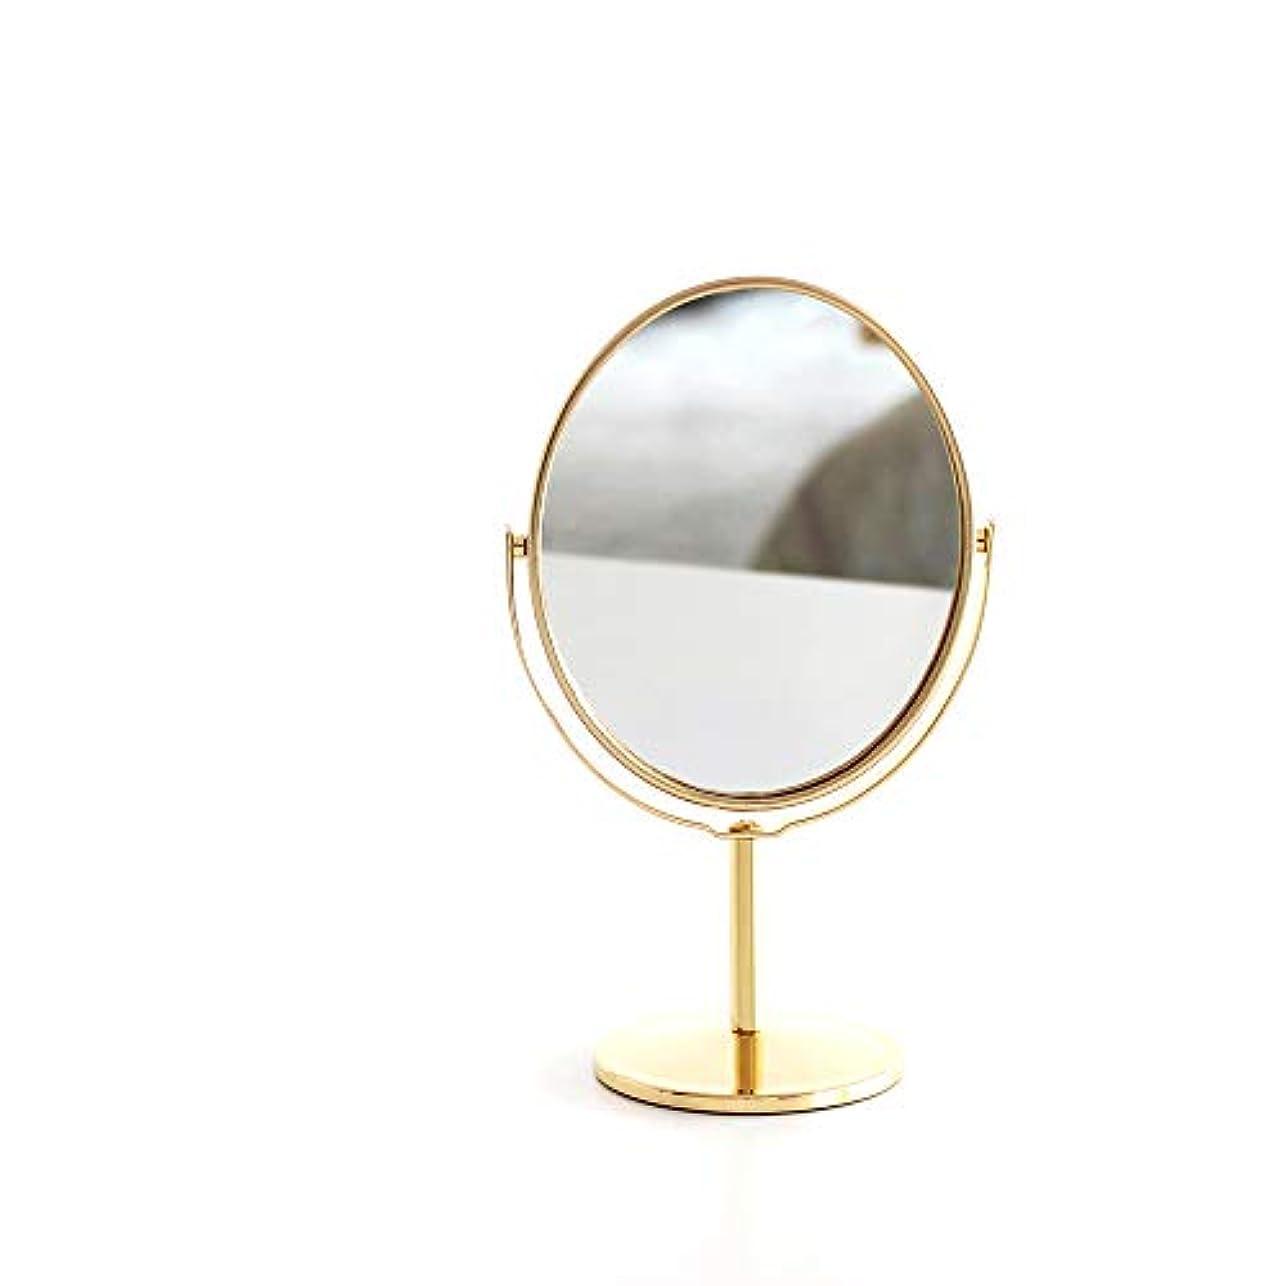 死んでいる緯度見物人メタル両面卓上鏡 スタンドミラー 化粧鏡 拡大鏡付き 楕円ミラー 360度回転 コンパクトサイズ 10X12cm (ゴールド)